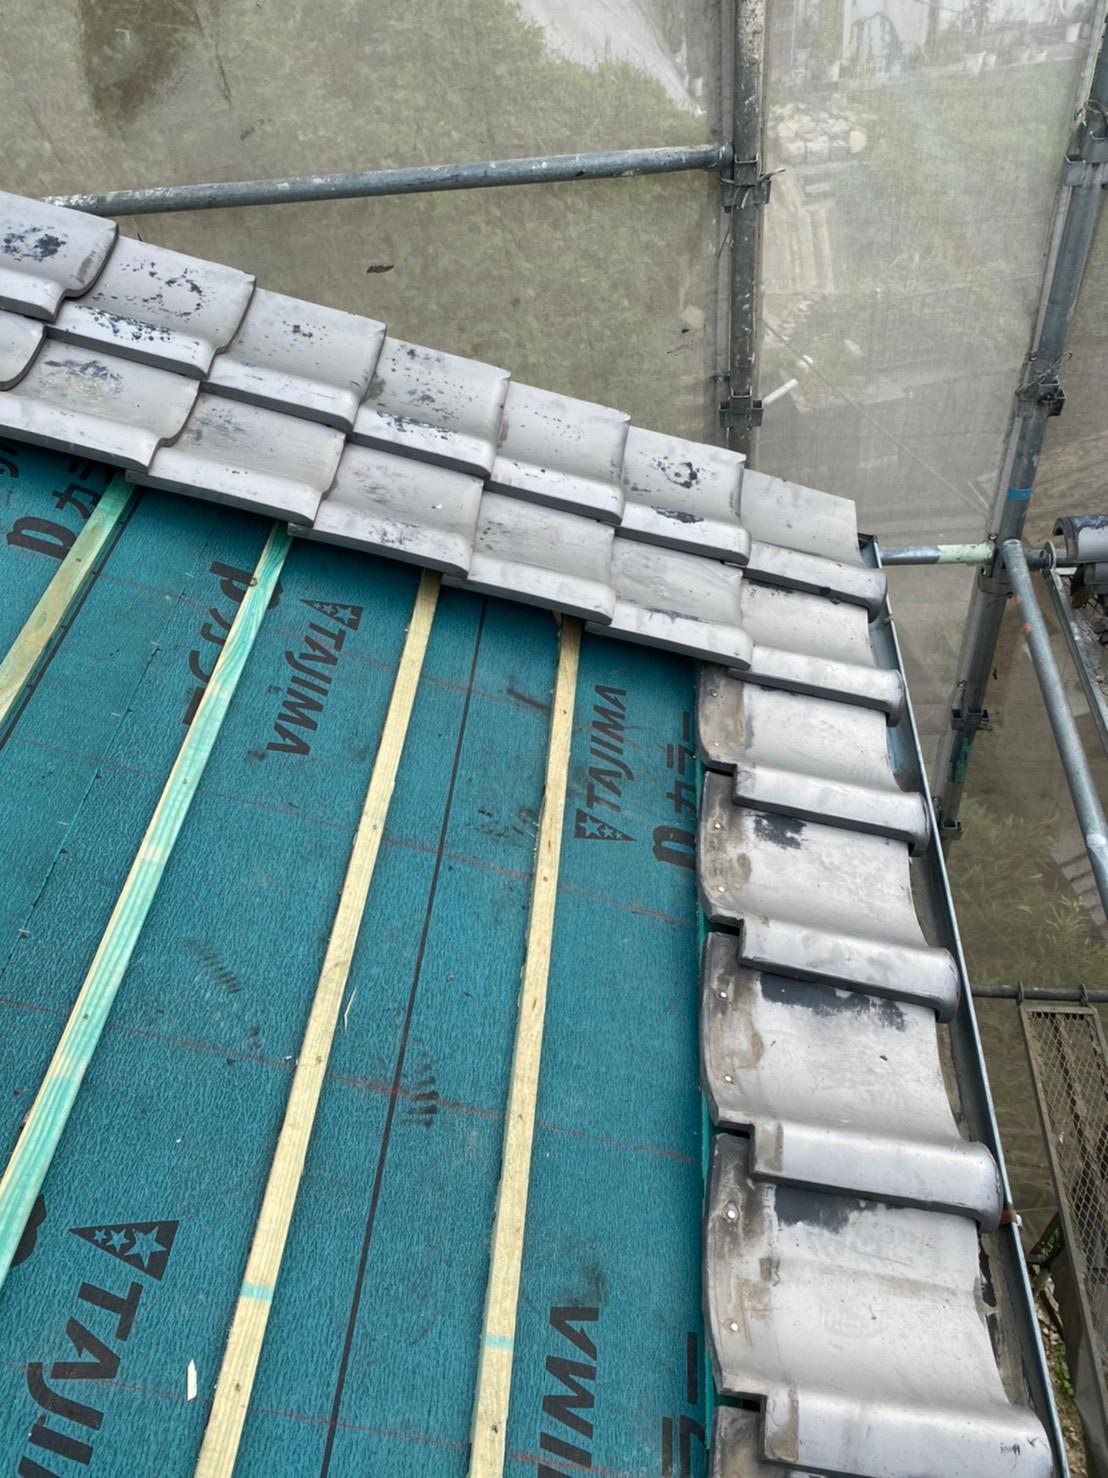 瓦屋根葺き直し工事で瓦屋根を葺いている様子